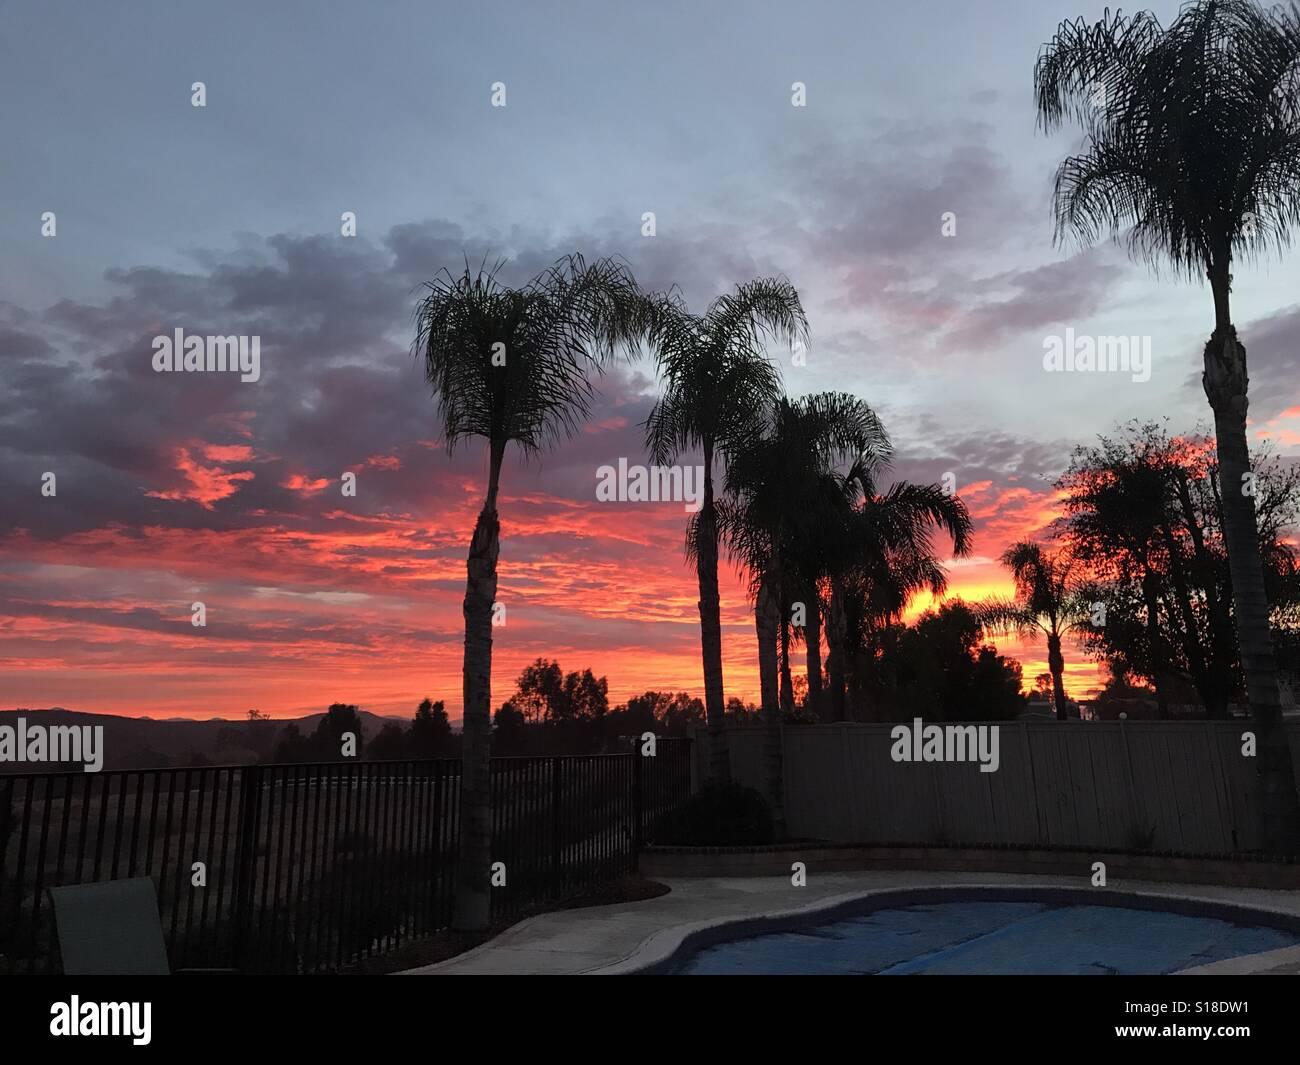 Sunrise behind palm trees Stock Photo